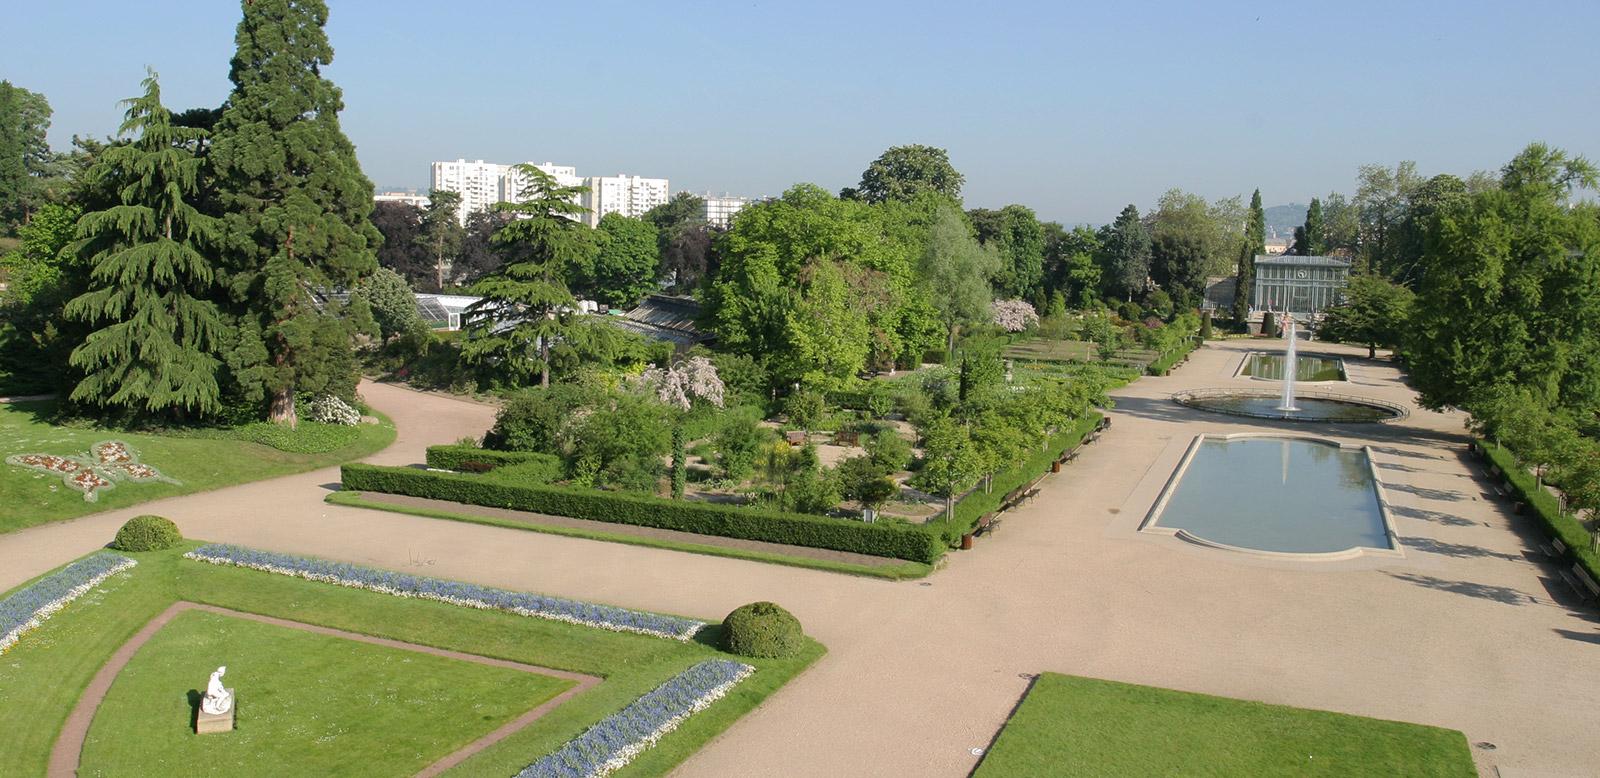 Jardin Des Plantes | Rouen.fr destiné Jardin Botanique Emploi